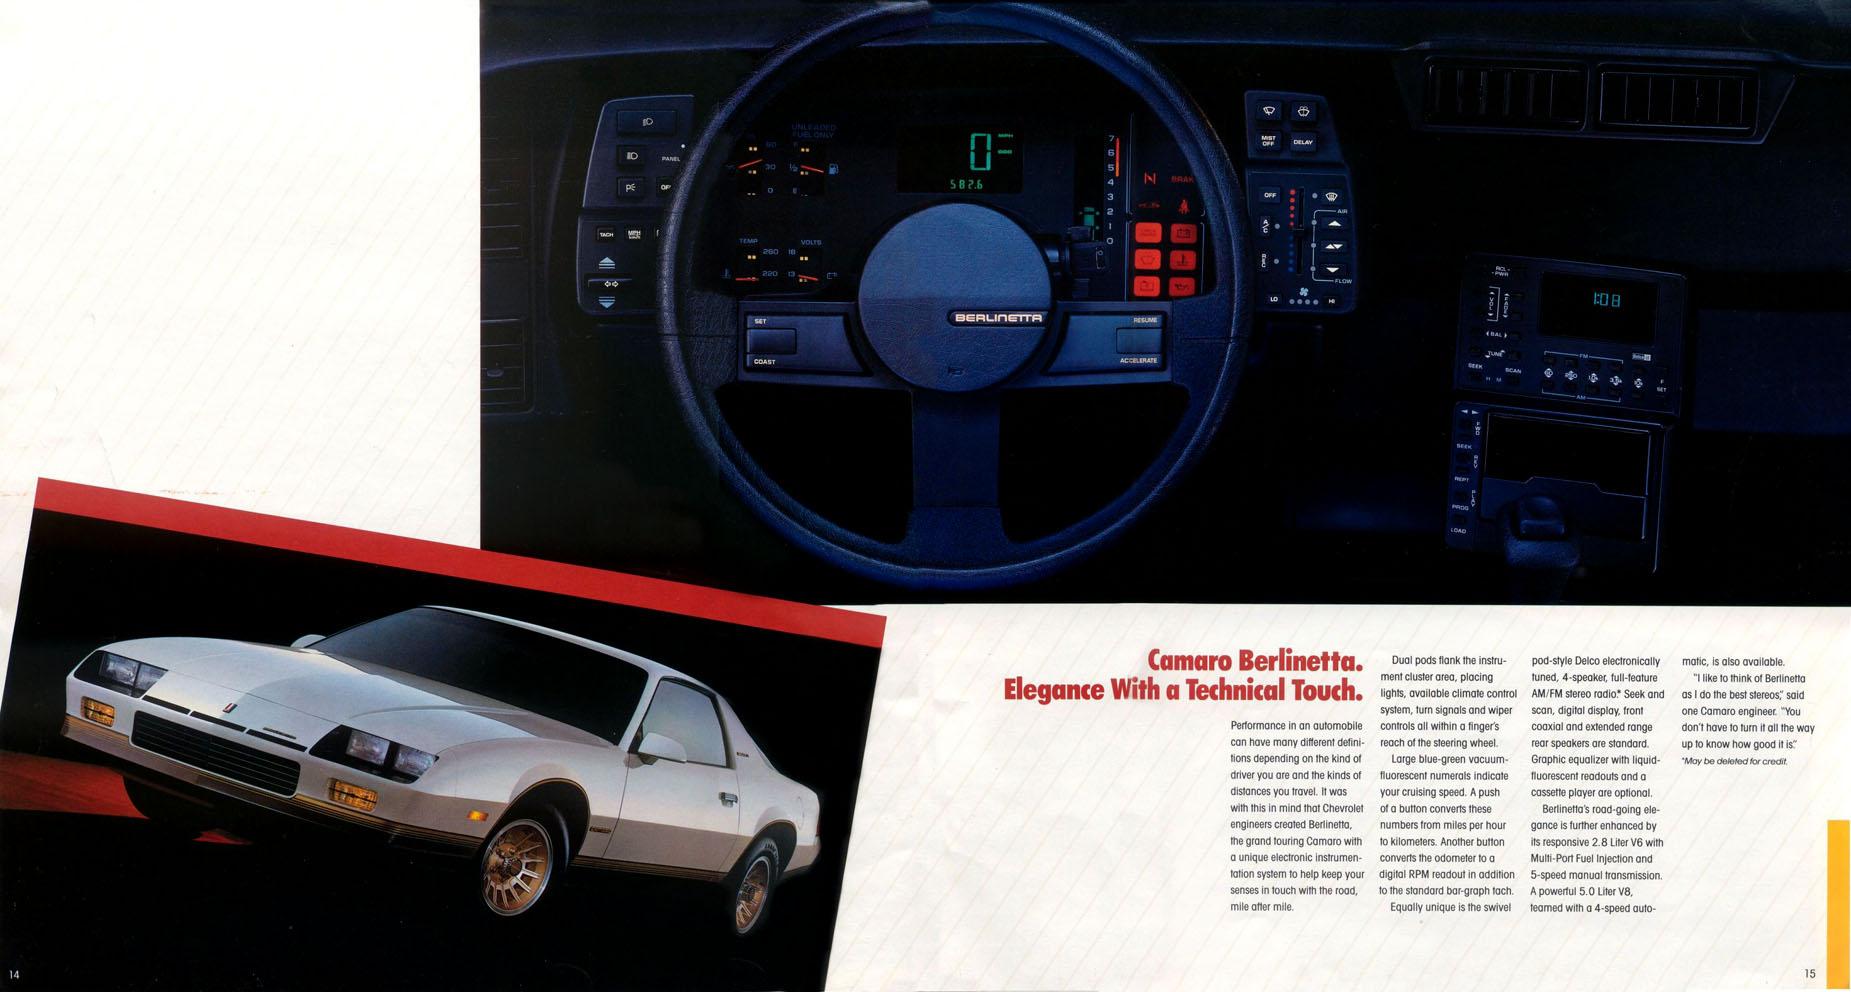 1986 Camaro OEM Brochure (8)